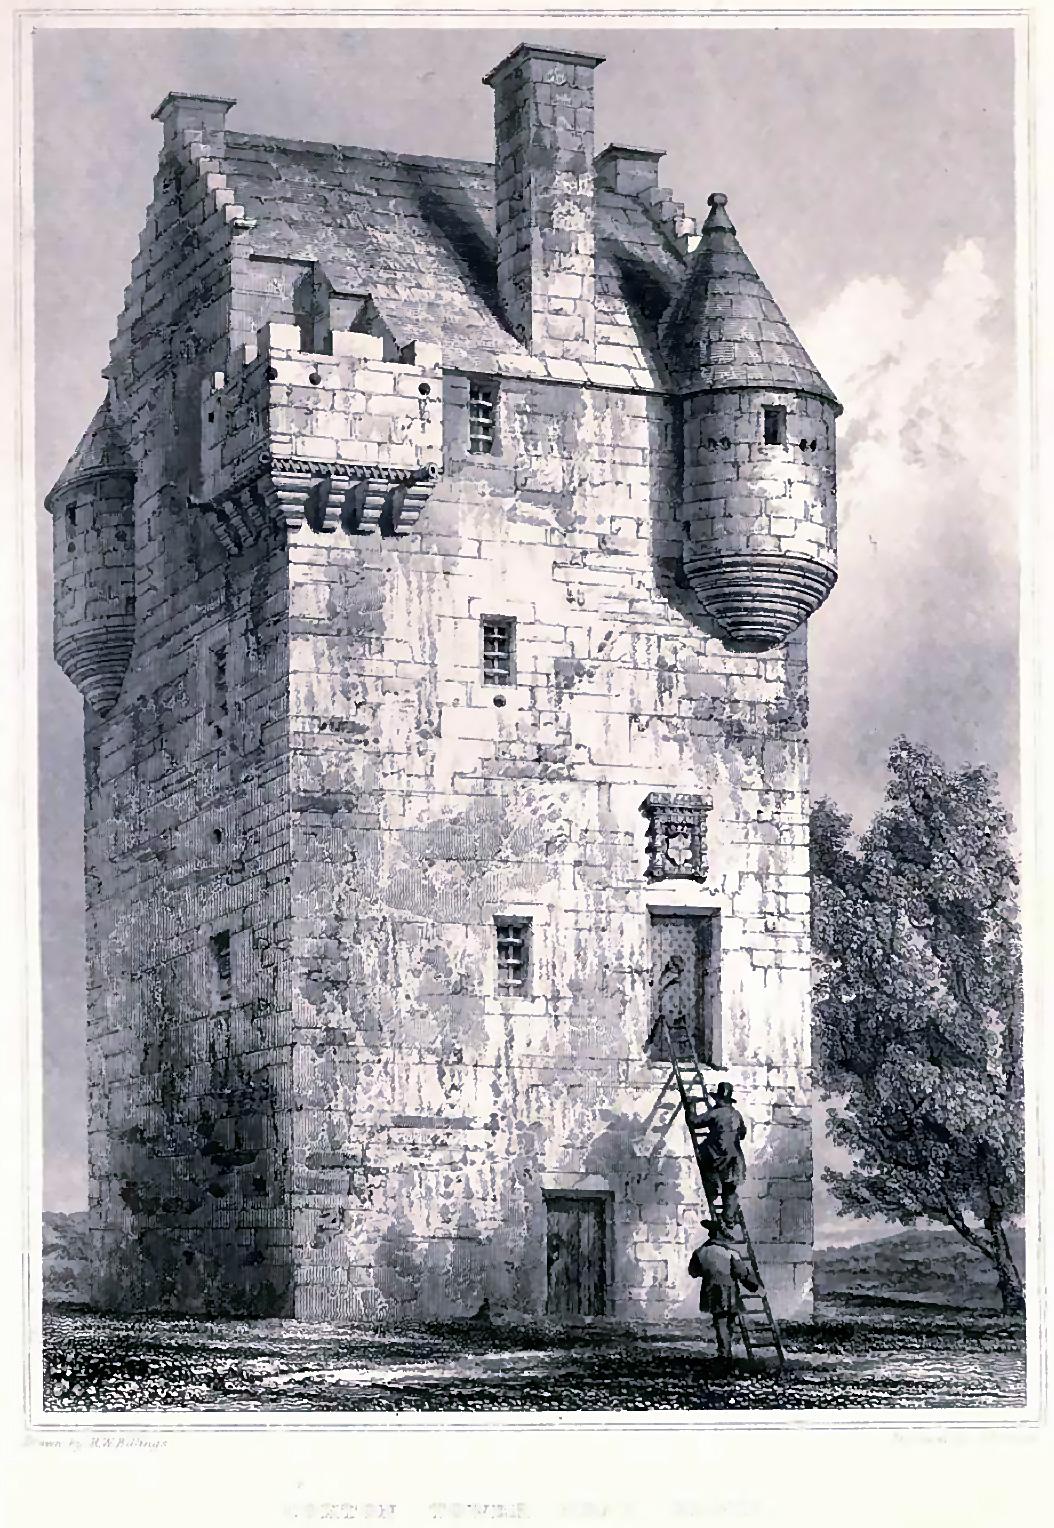 Wohnturm – Wikipedia